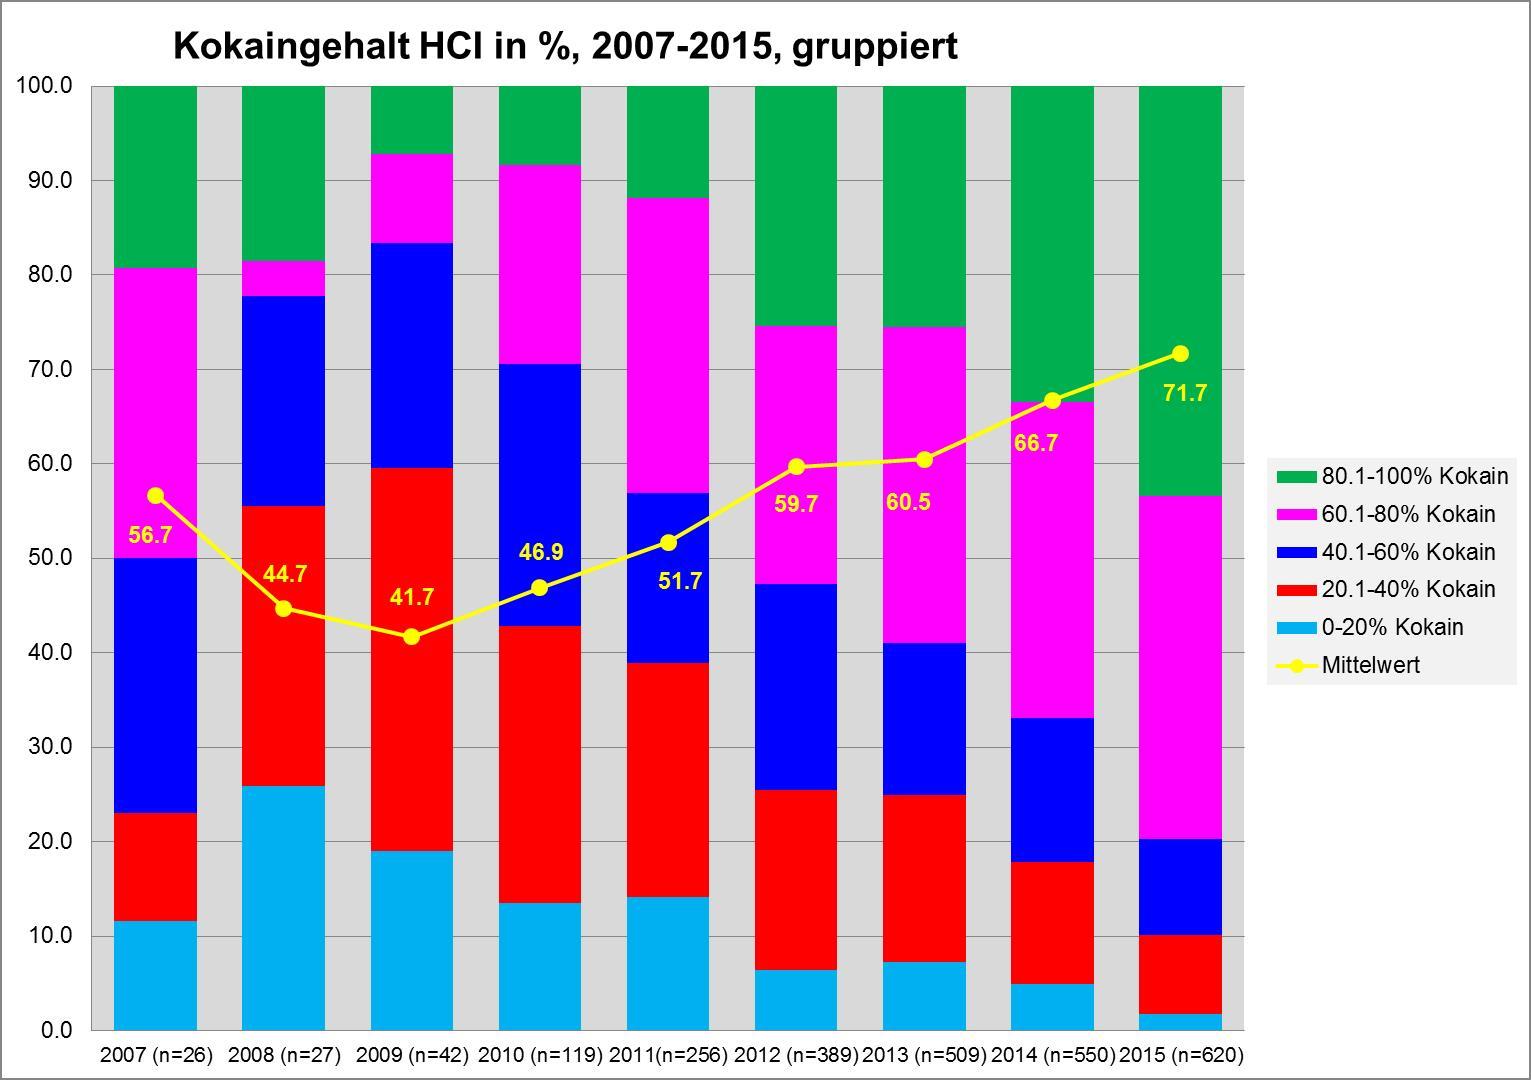 Abbildung 2 zeigt Kokainproben gruppiert nach dem Kokain-HCL-Gehalt von 2007 bis 2015 in der Schweiz. Grafik: DIZ/saferparty, Zürich